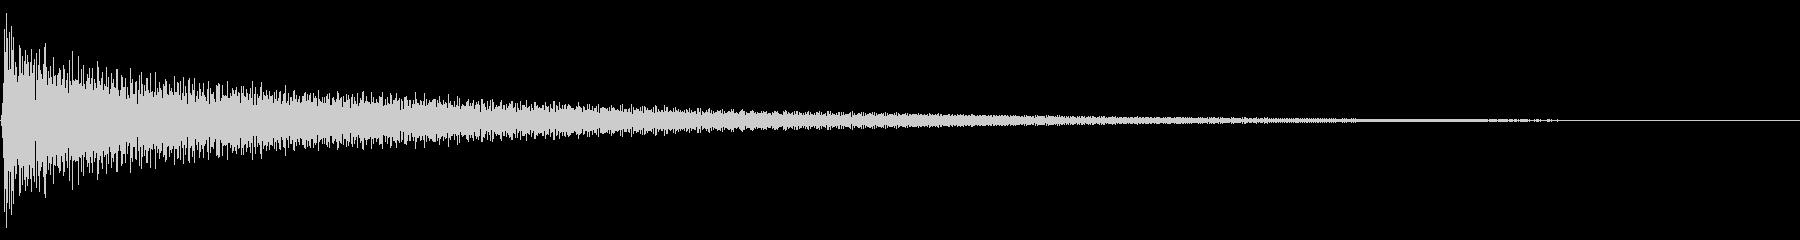 プレーン シンプル ナイロンギター の未再生の波形